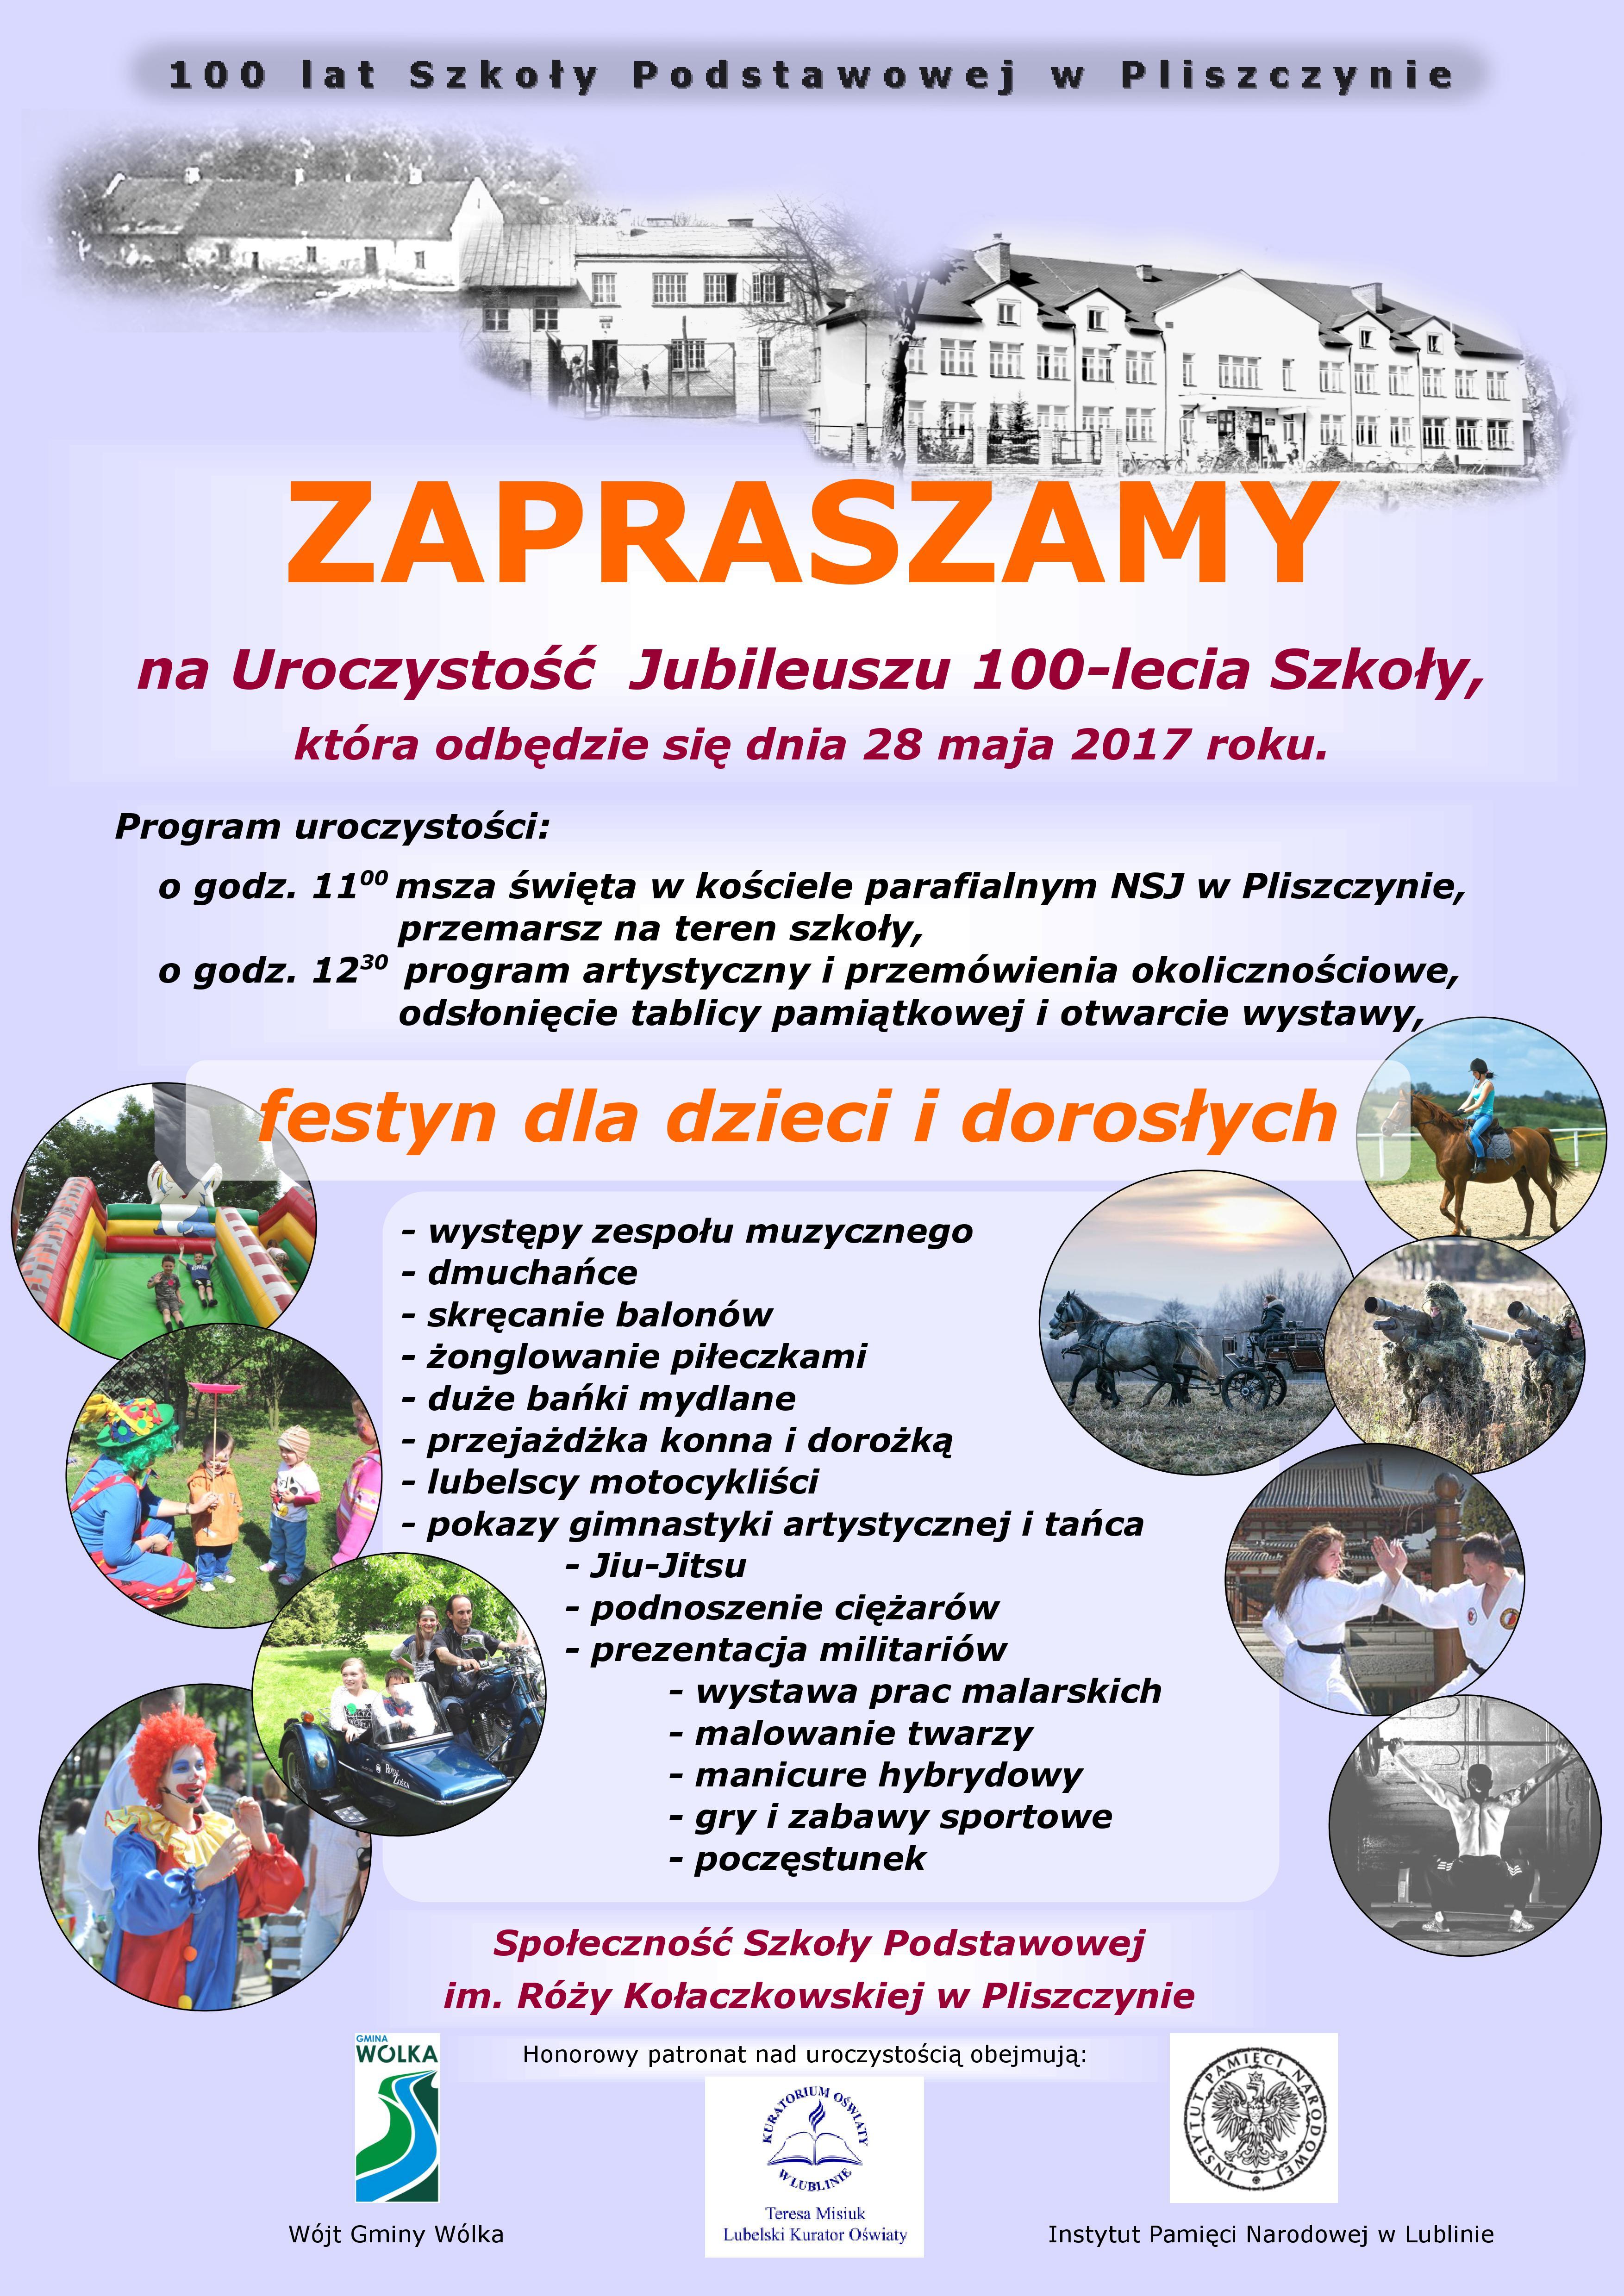 Zaproszenie na 100-lecie Szkoły Podstawowej im. Róży Kołaczkowskiej w Pliszczynie